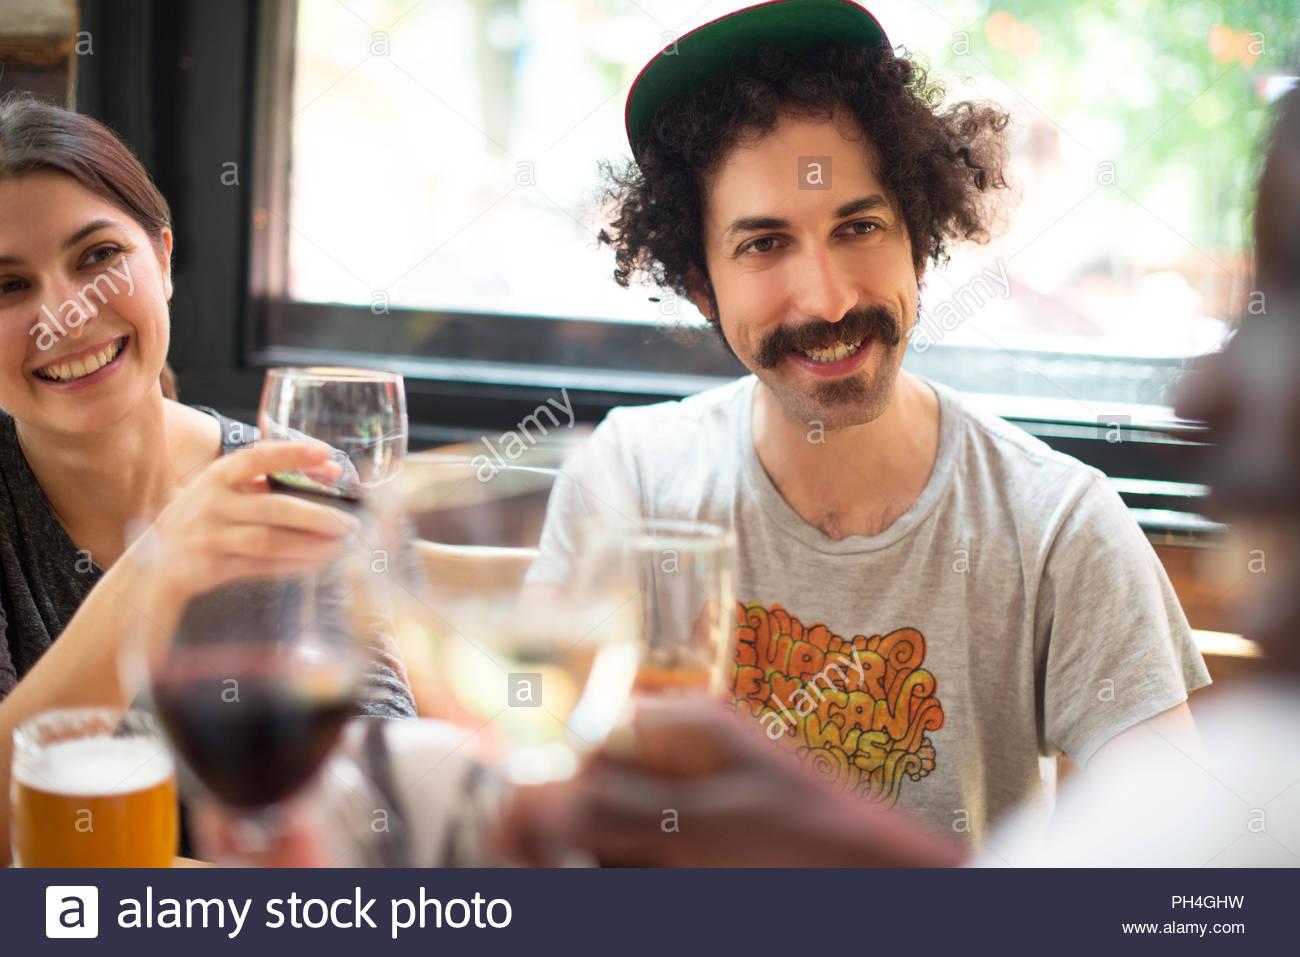 Pareja con amigos en el bar Imagen De Stock